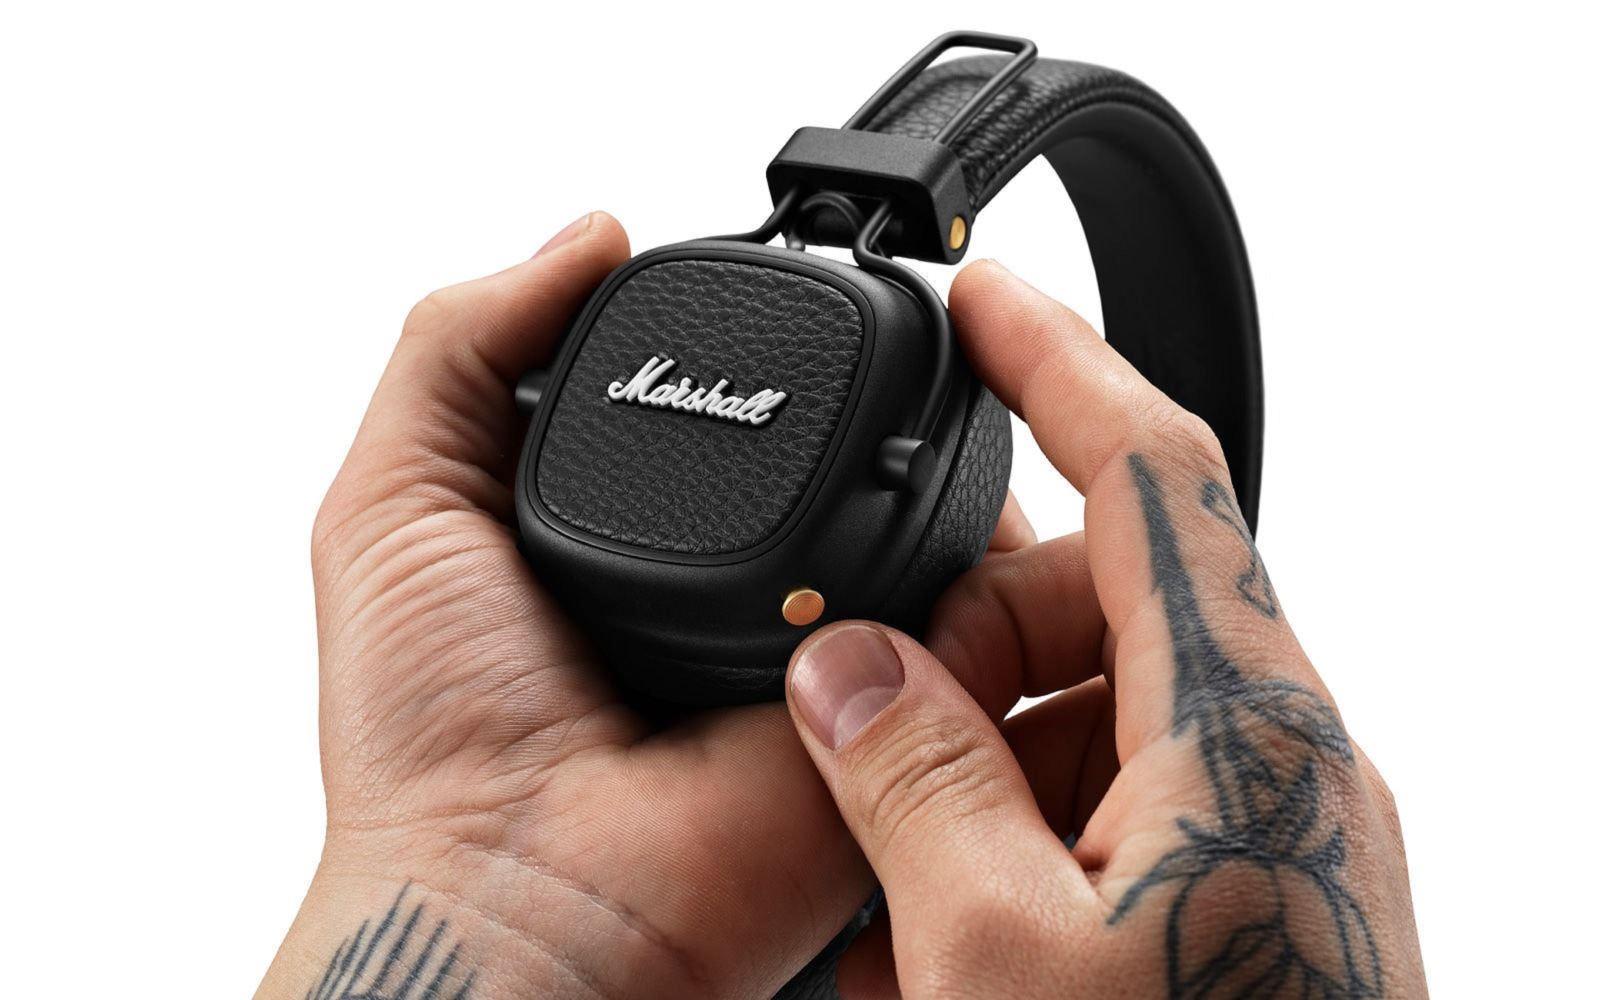 Marshall ra mắt tai nghe không dây Major III Voice, tích hợp trợ lý ảo, pin 'trâu' 60 giờ